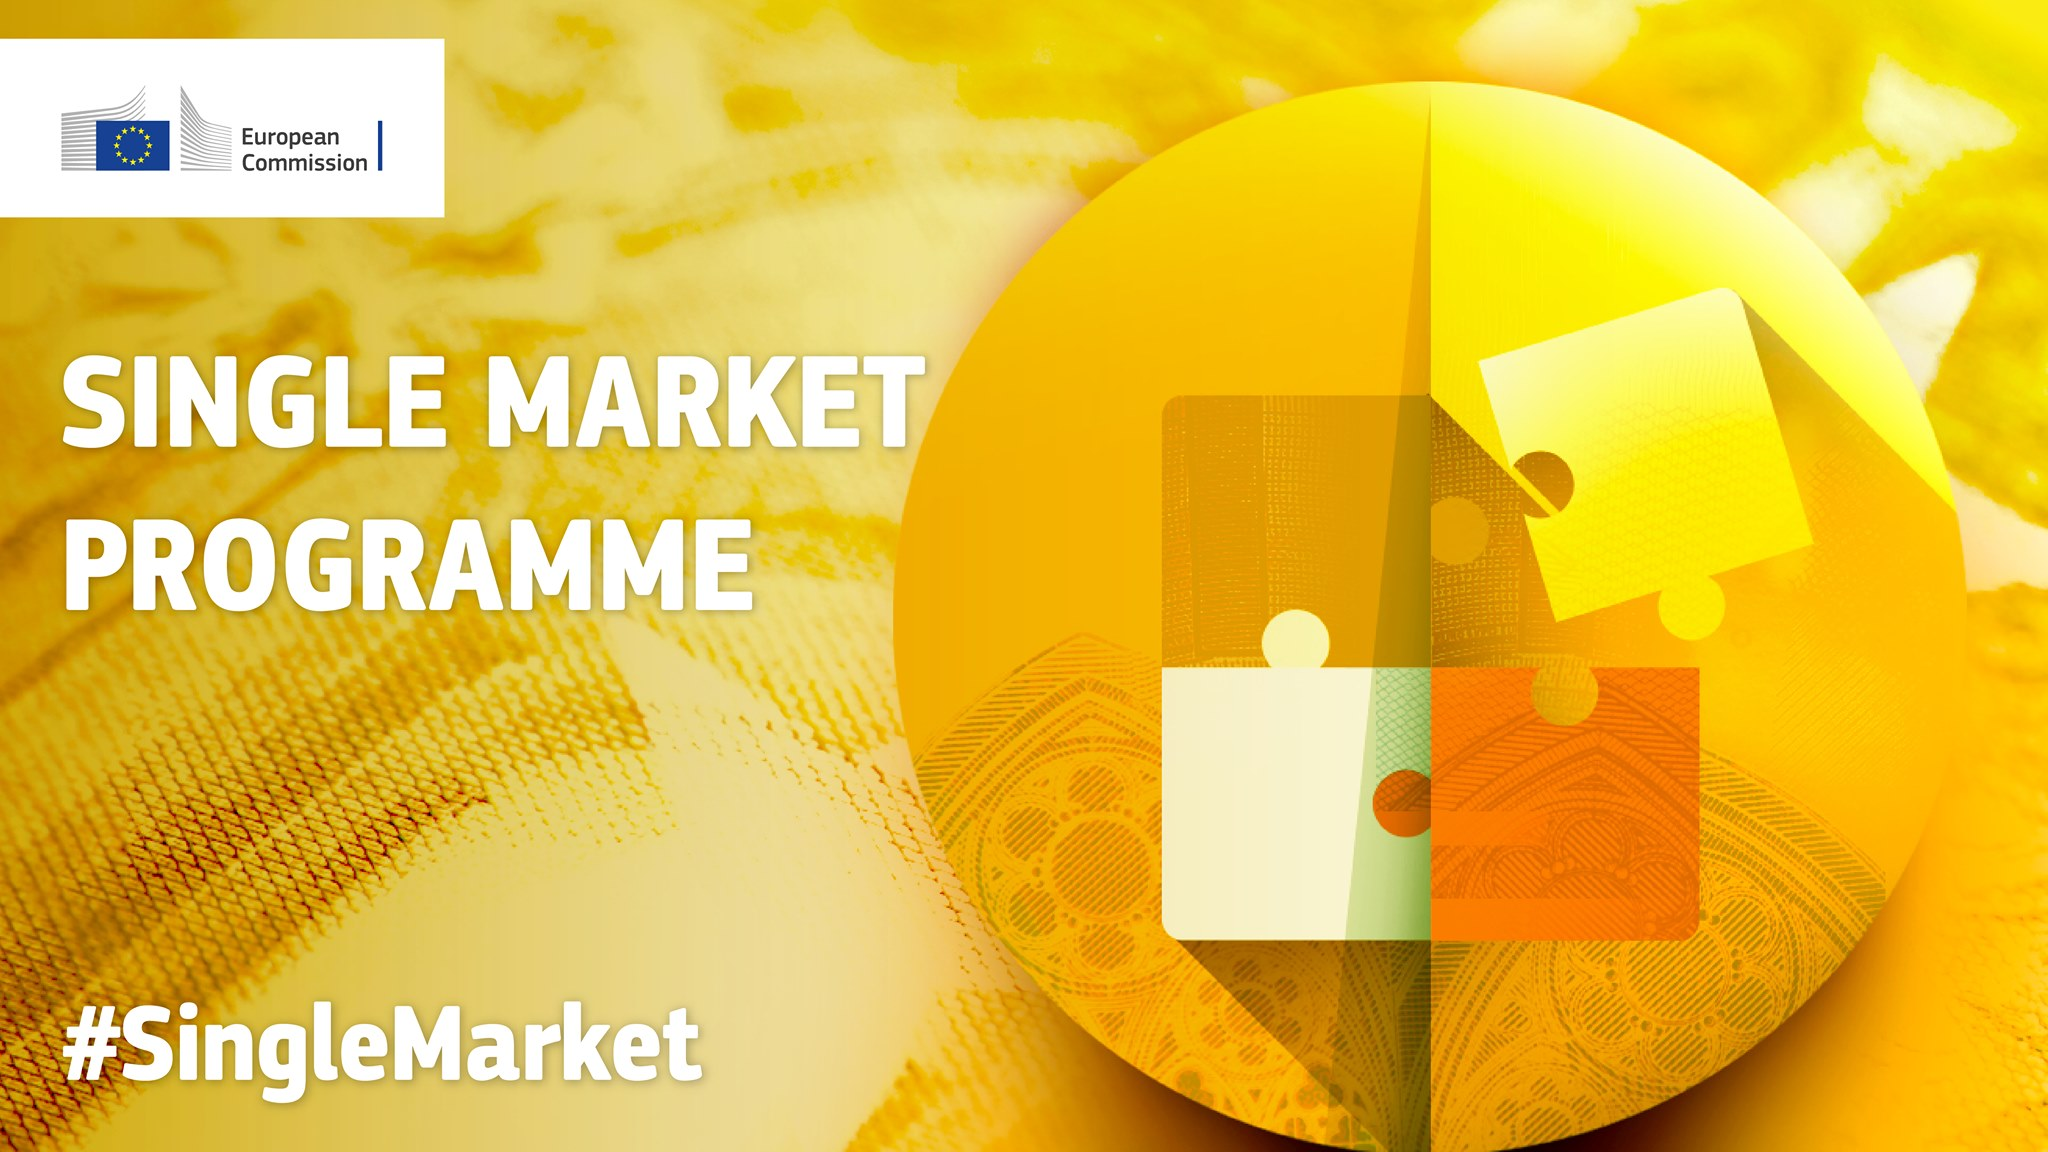 Single Market Programme Boost